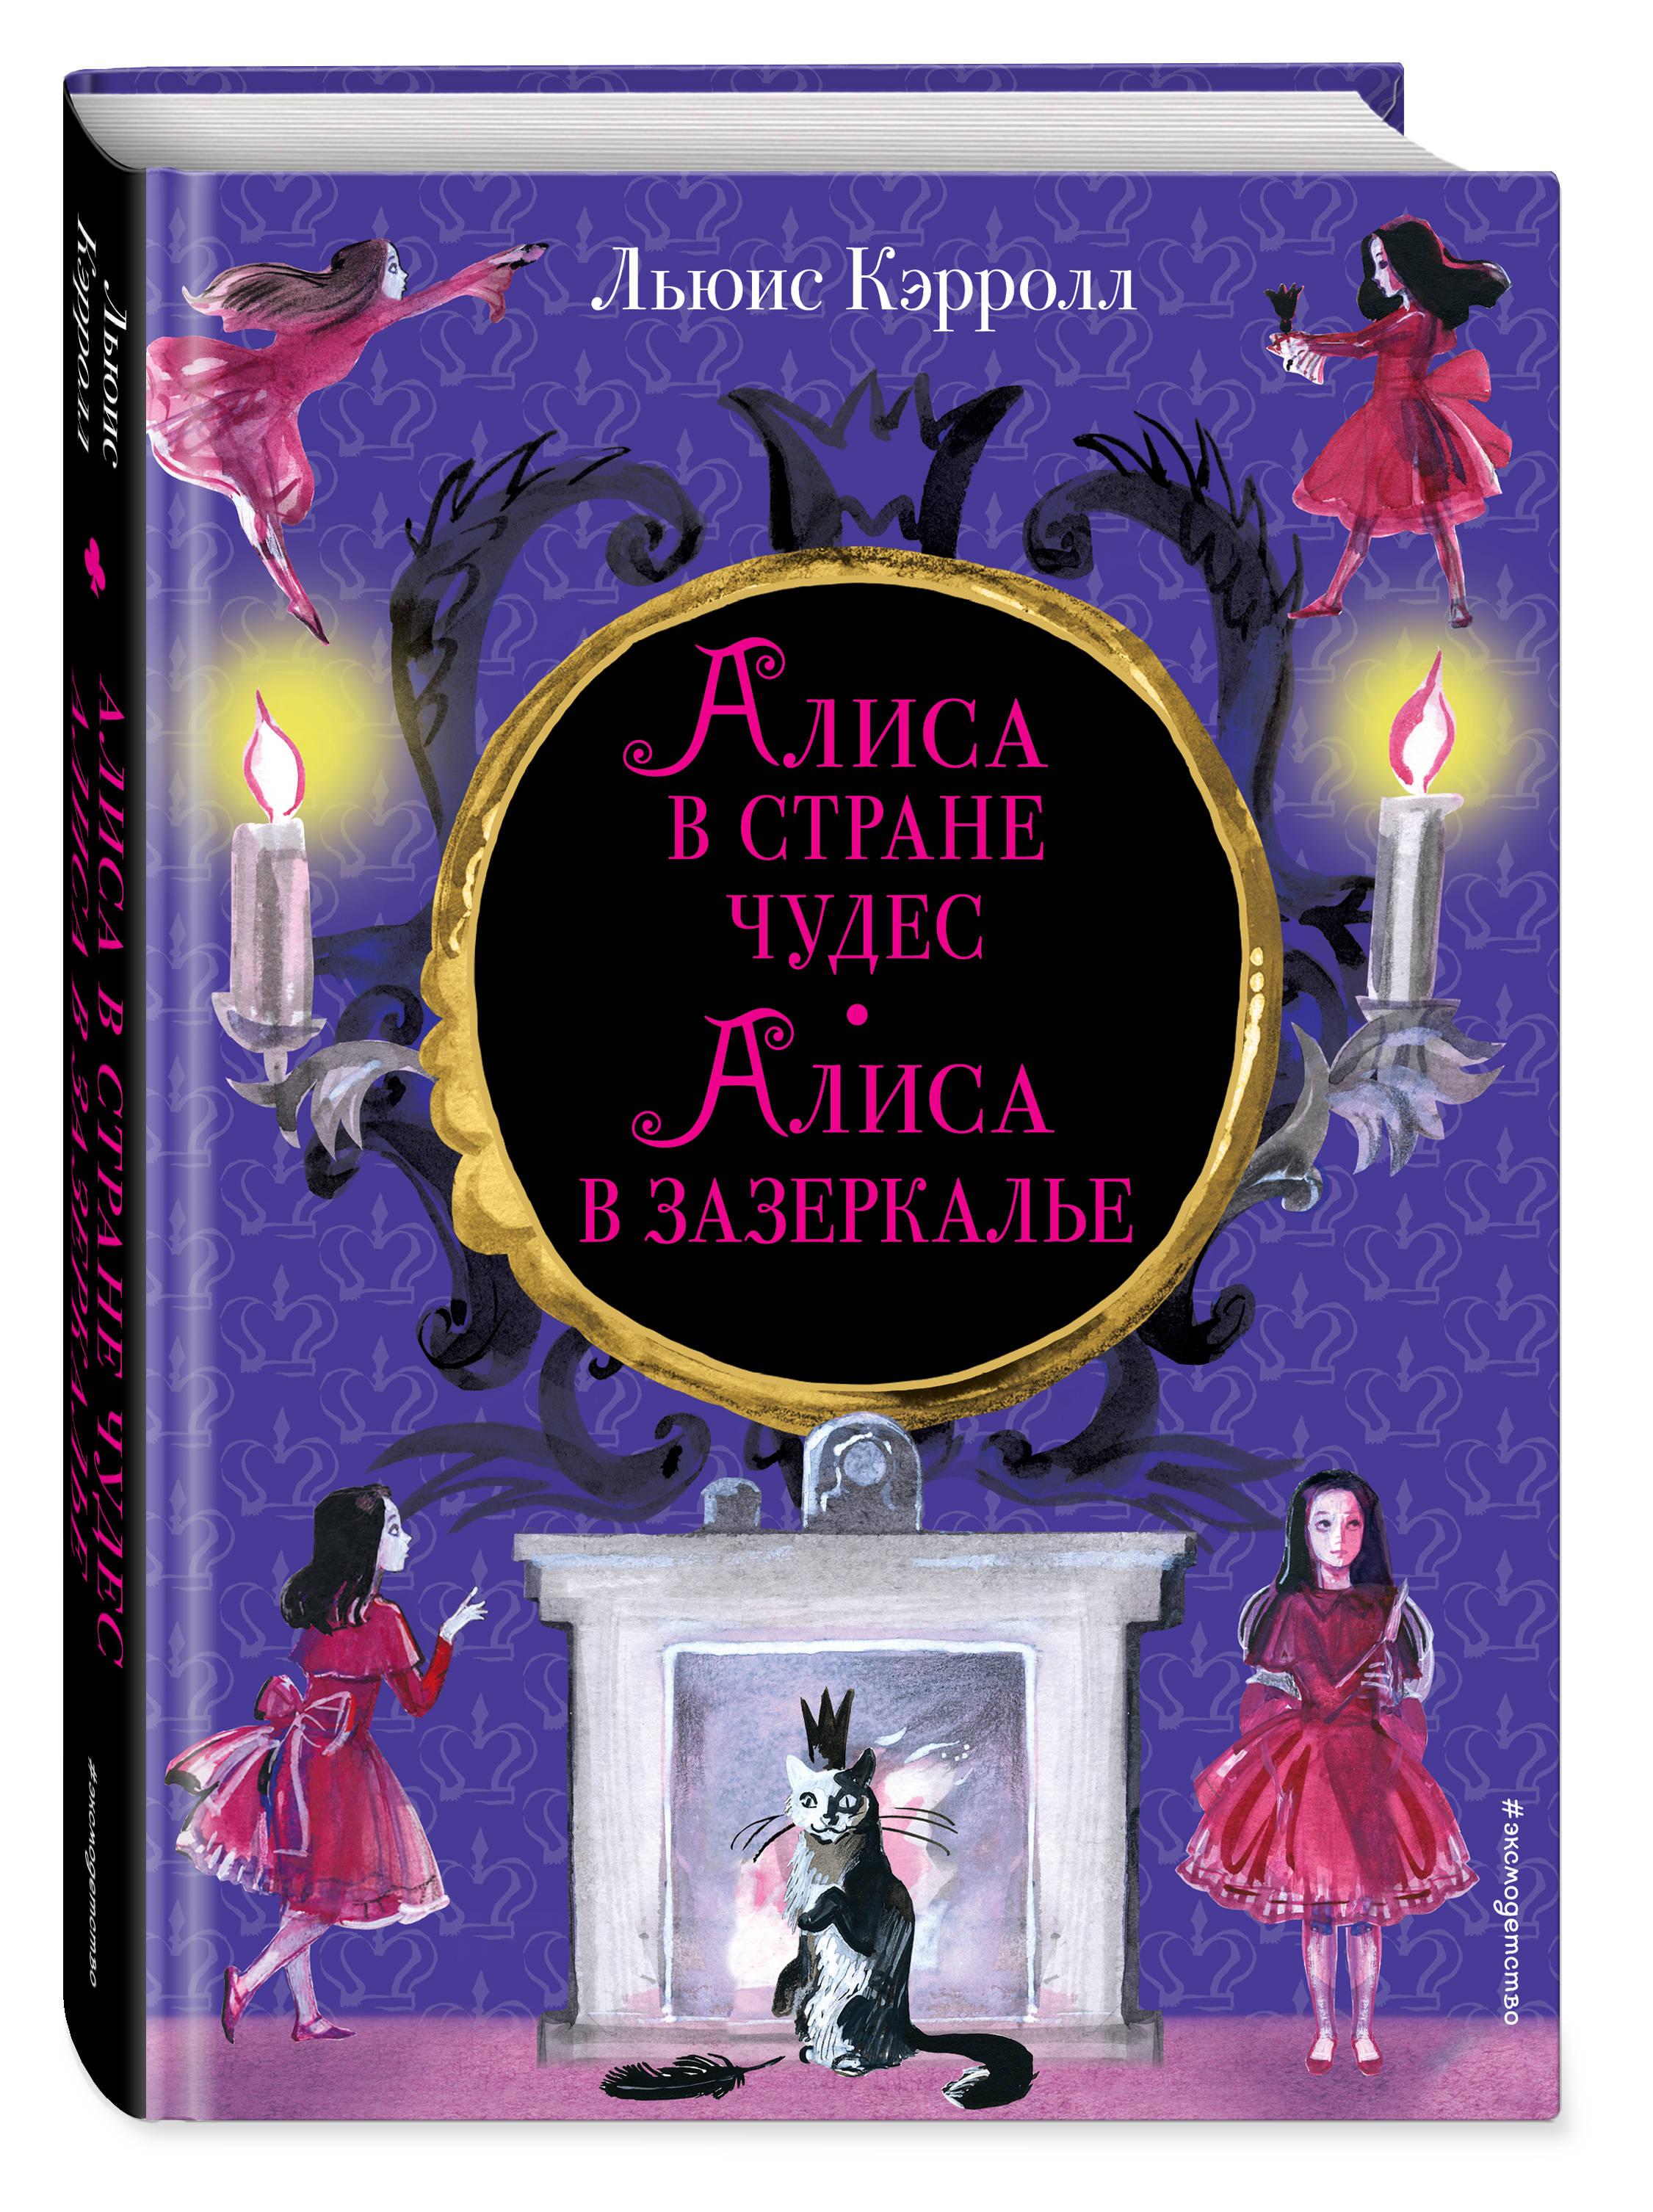 Льюис Кэрролл Алиса в Стране чудес. Алиса в Зазеркалье (ил. И. Казаковой) алиса в стране чудес алиса в зазеркалье полная реставрация звука и изображения